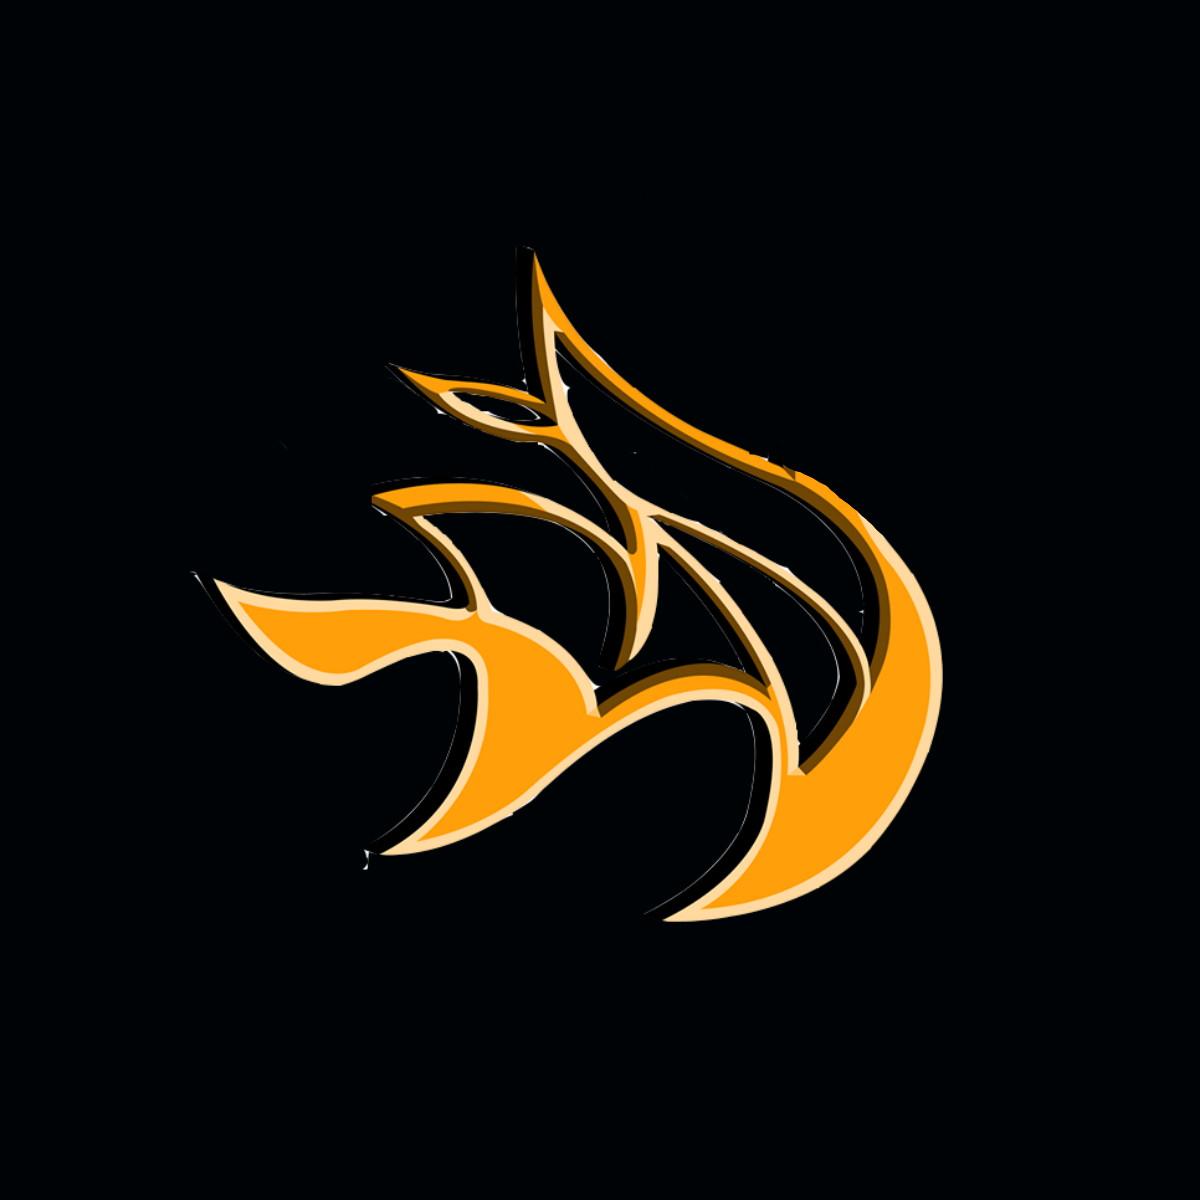 Lambang Boboiboy Api Sorğusuna Uyğun şekilleri Pulsuz Yükle Bedava